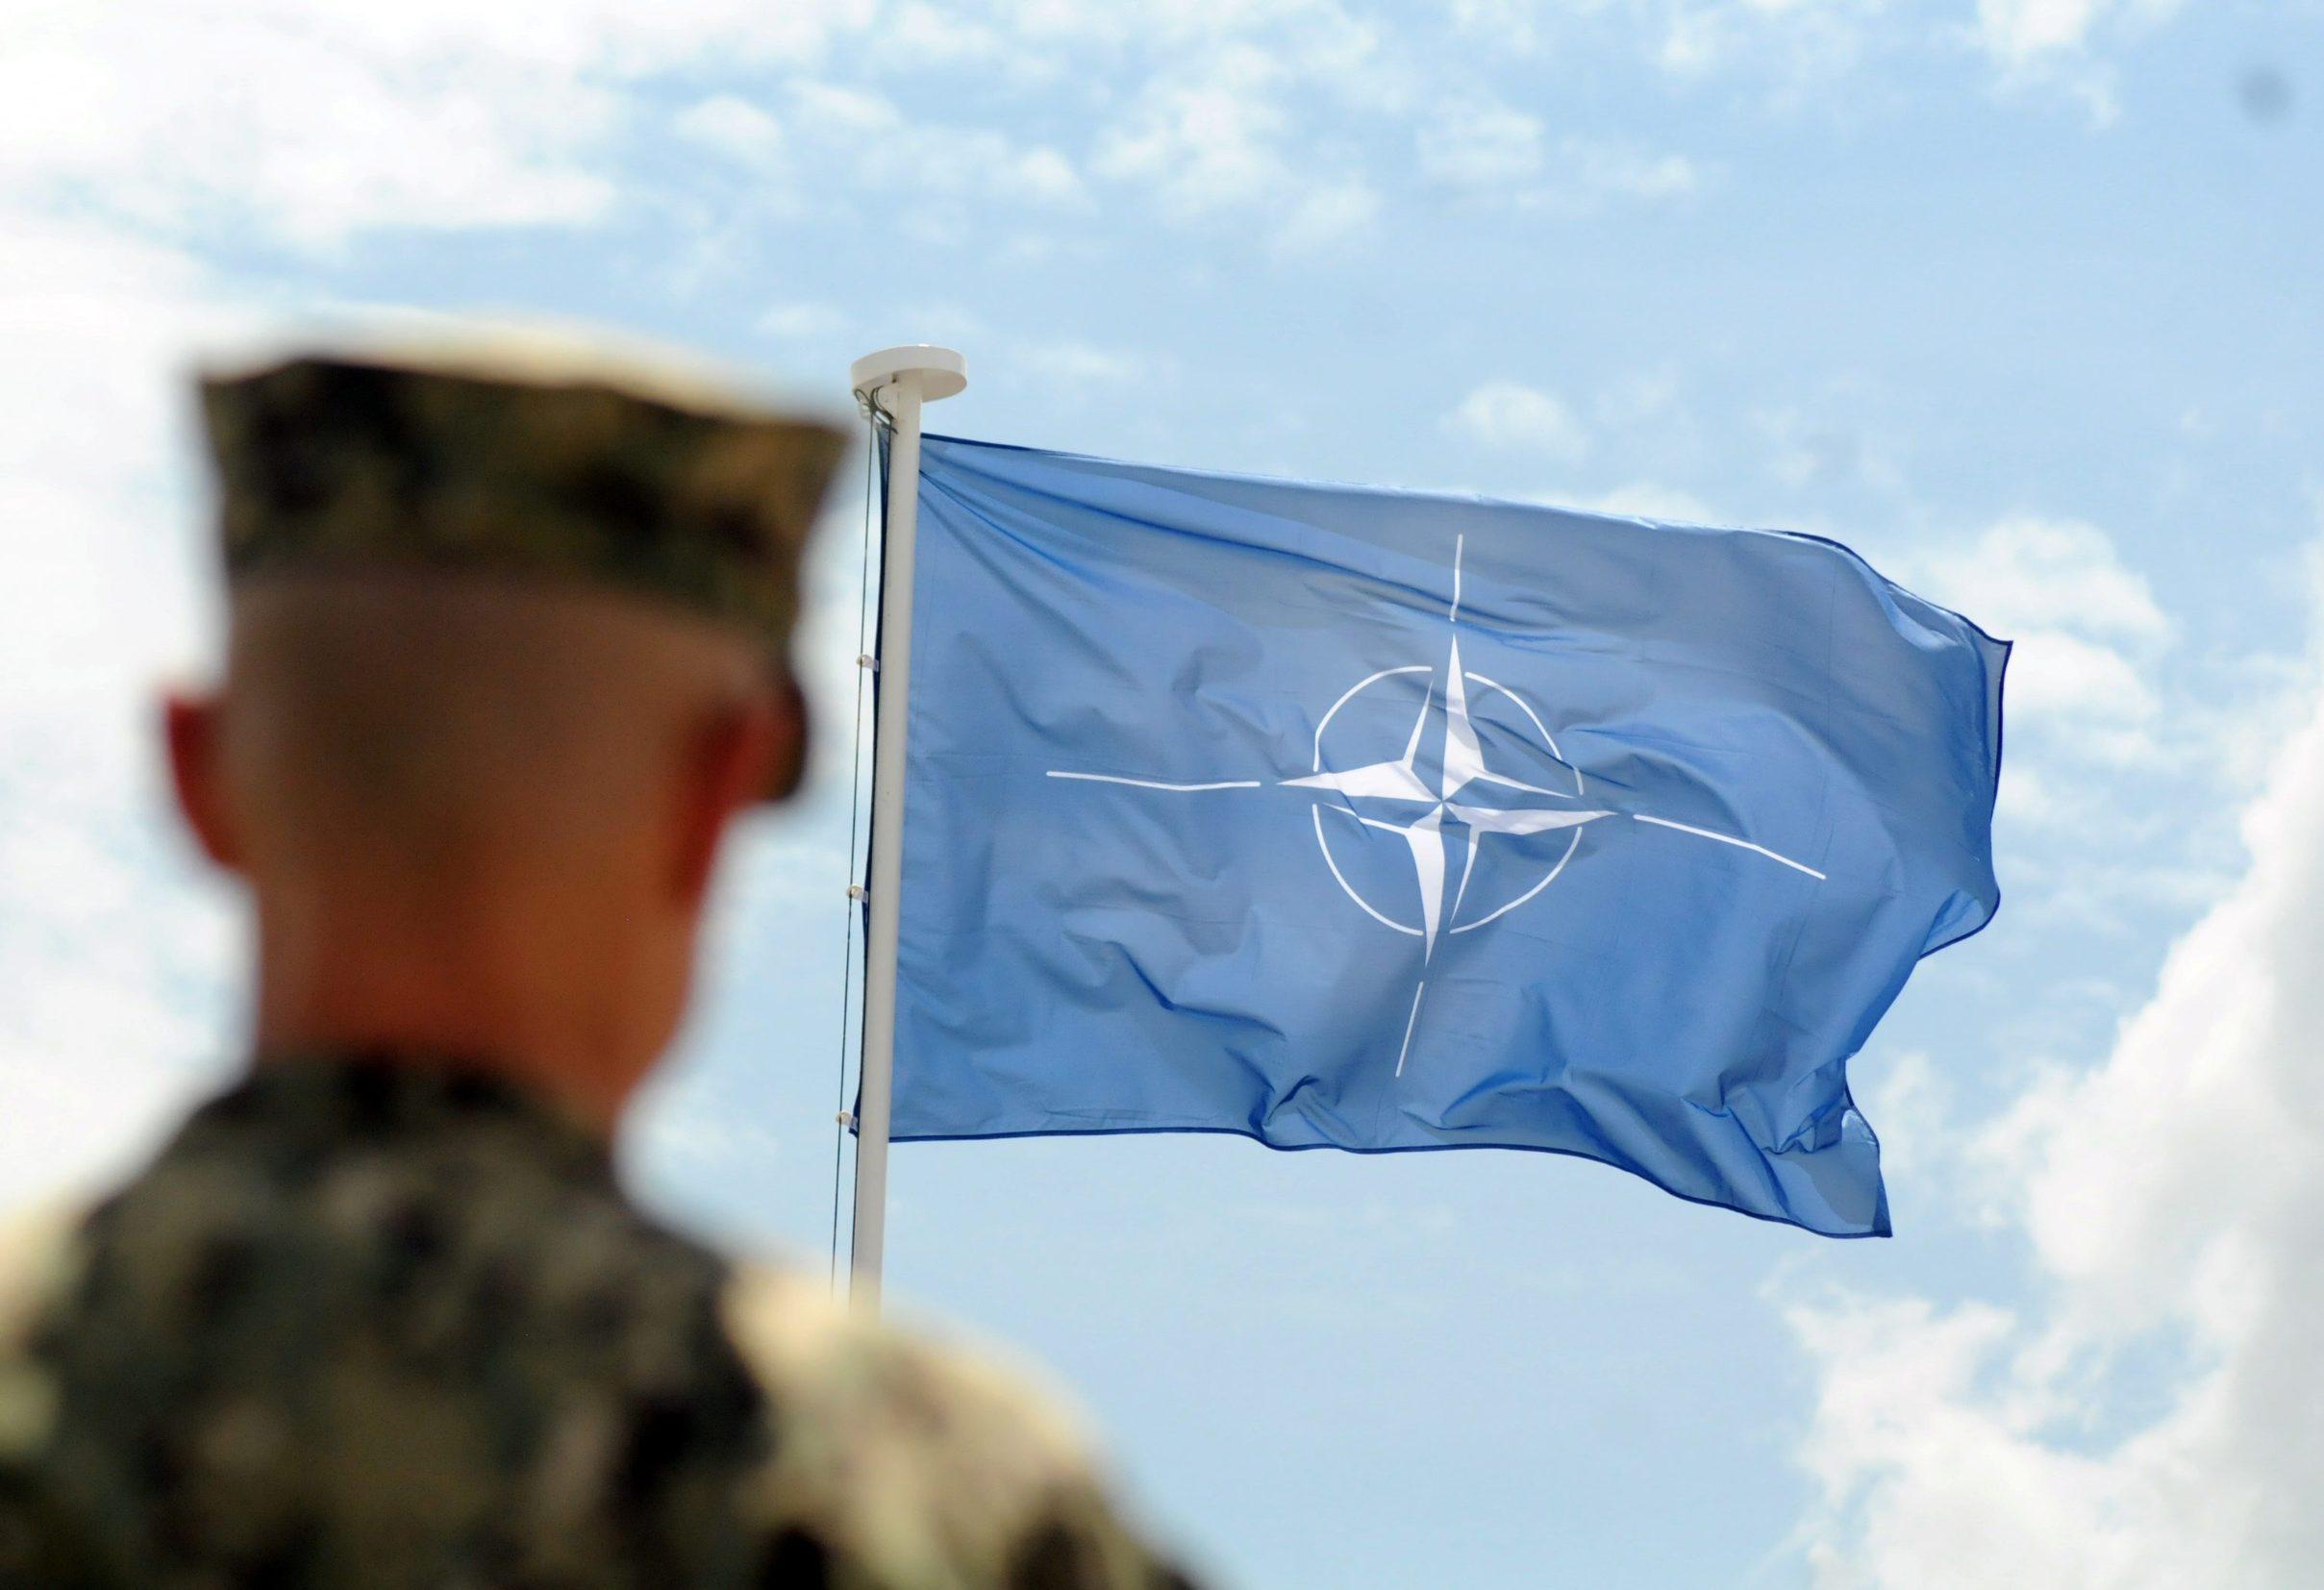 2019-06-11T113006Z_1974074494_RC16AFD71590_RTRMADP_3_KOSOVO-NATO-KFOR